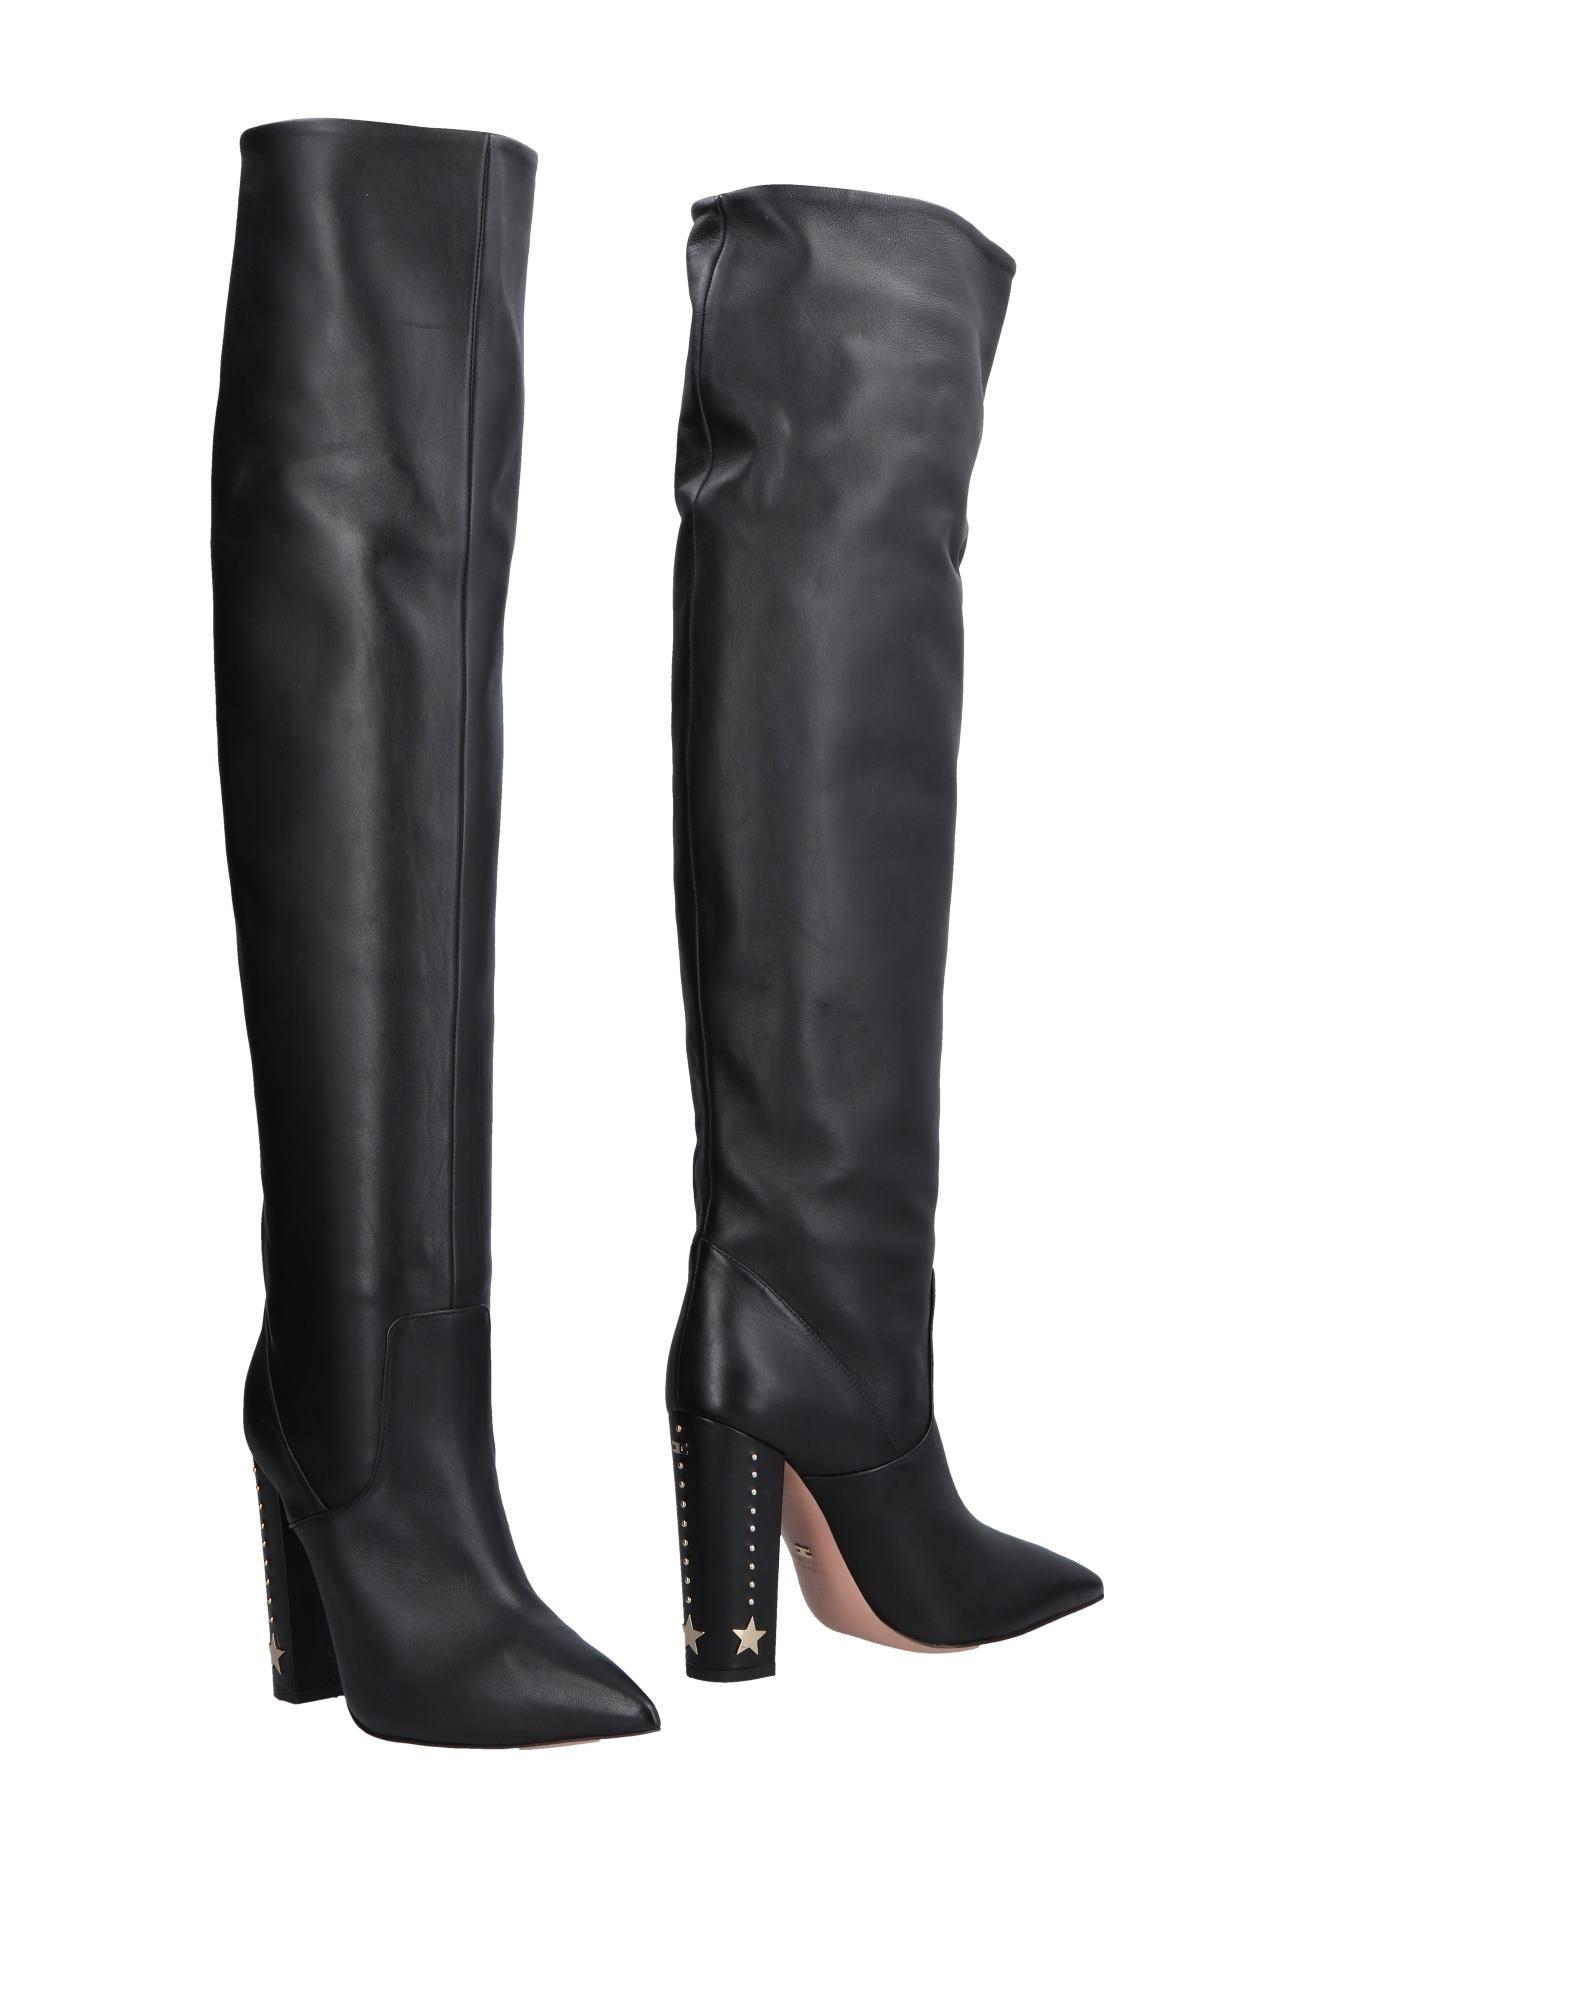 Elisabetta Franchi Stiefel Schuhe Damen  11501292KP Neue Schuhe Stiefel a98574